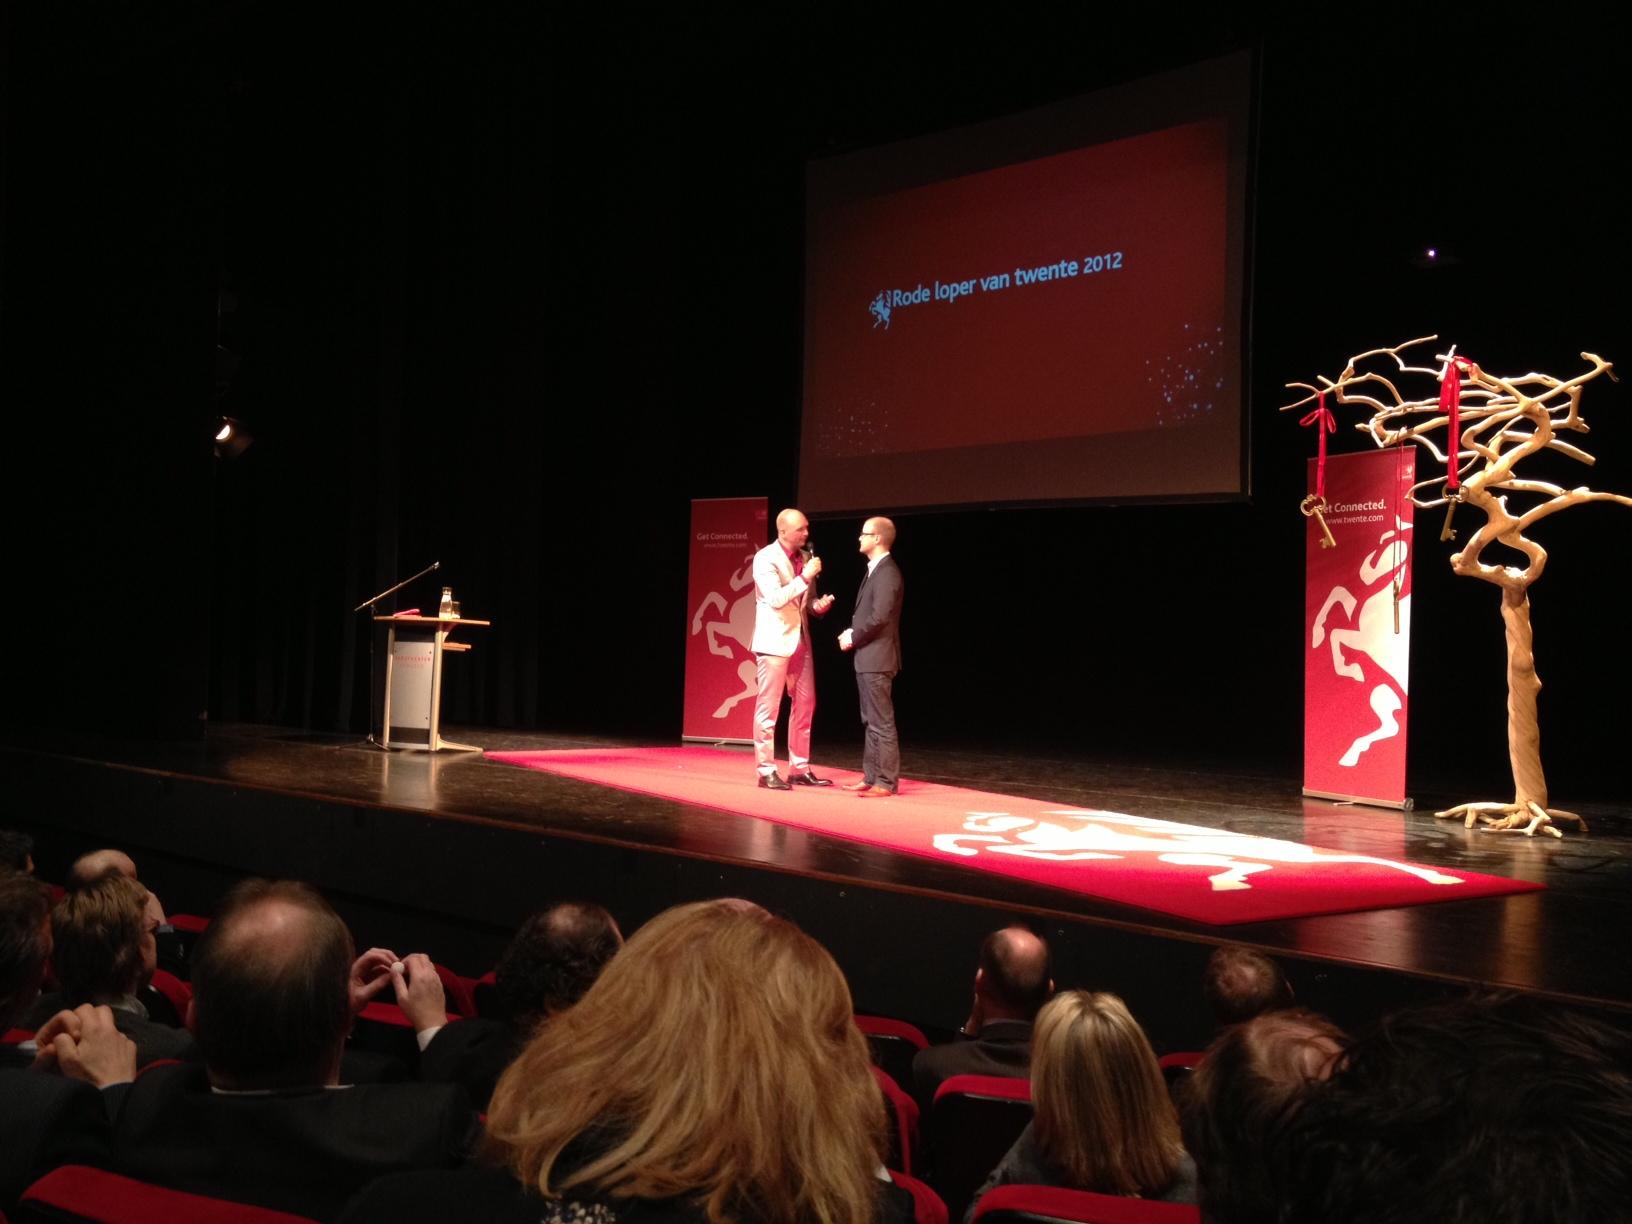 Antagonist ambassadeur van Twente: de Rode Loper 2012, Wouter op het podium